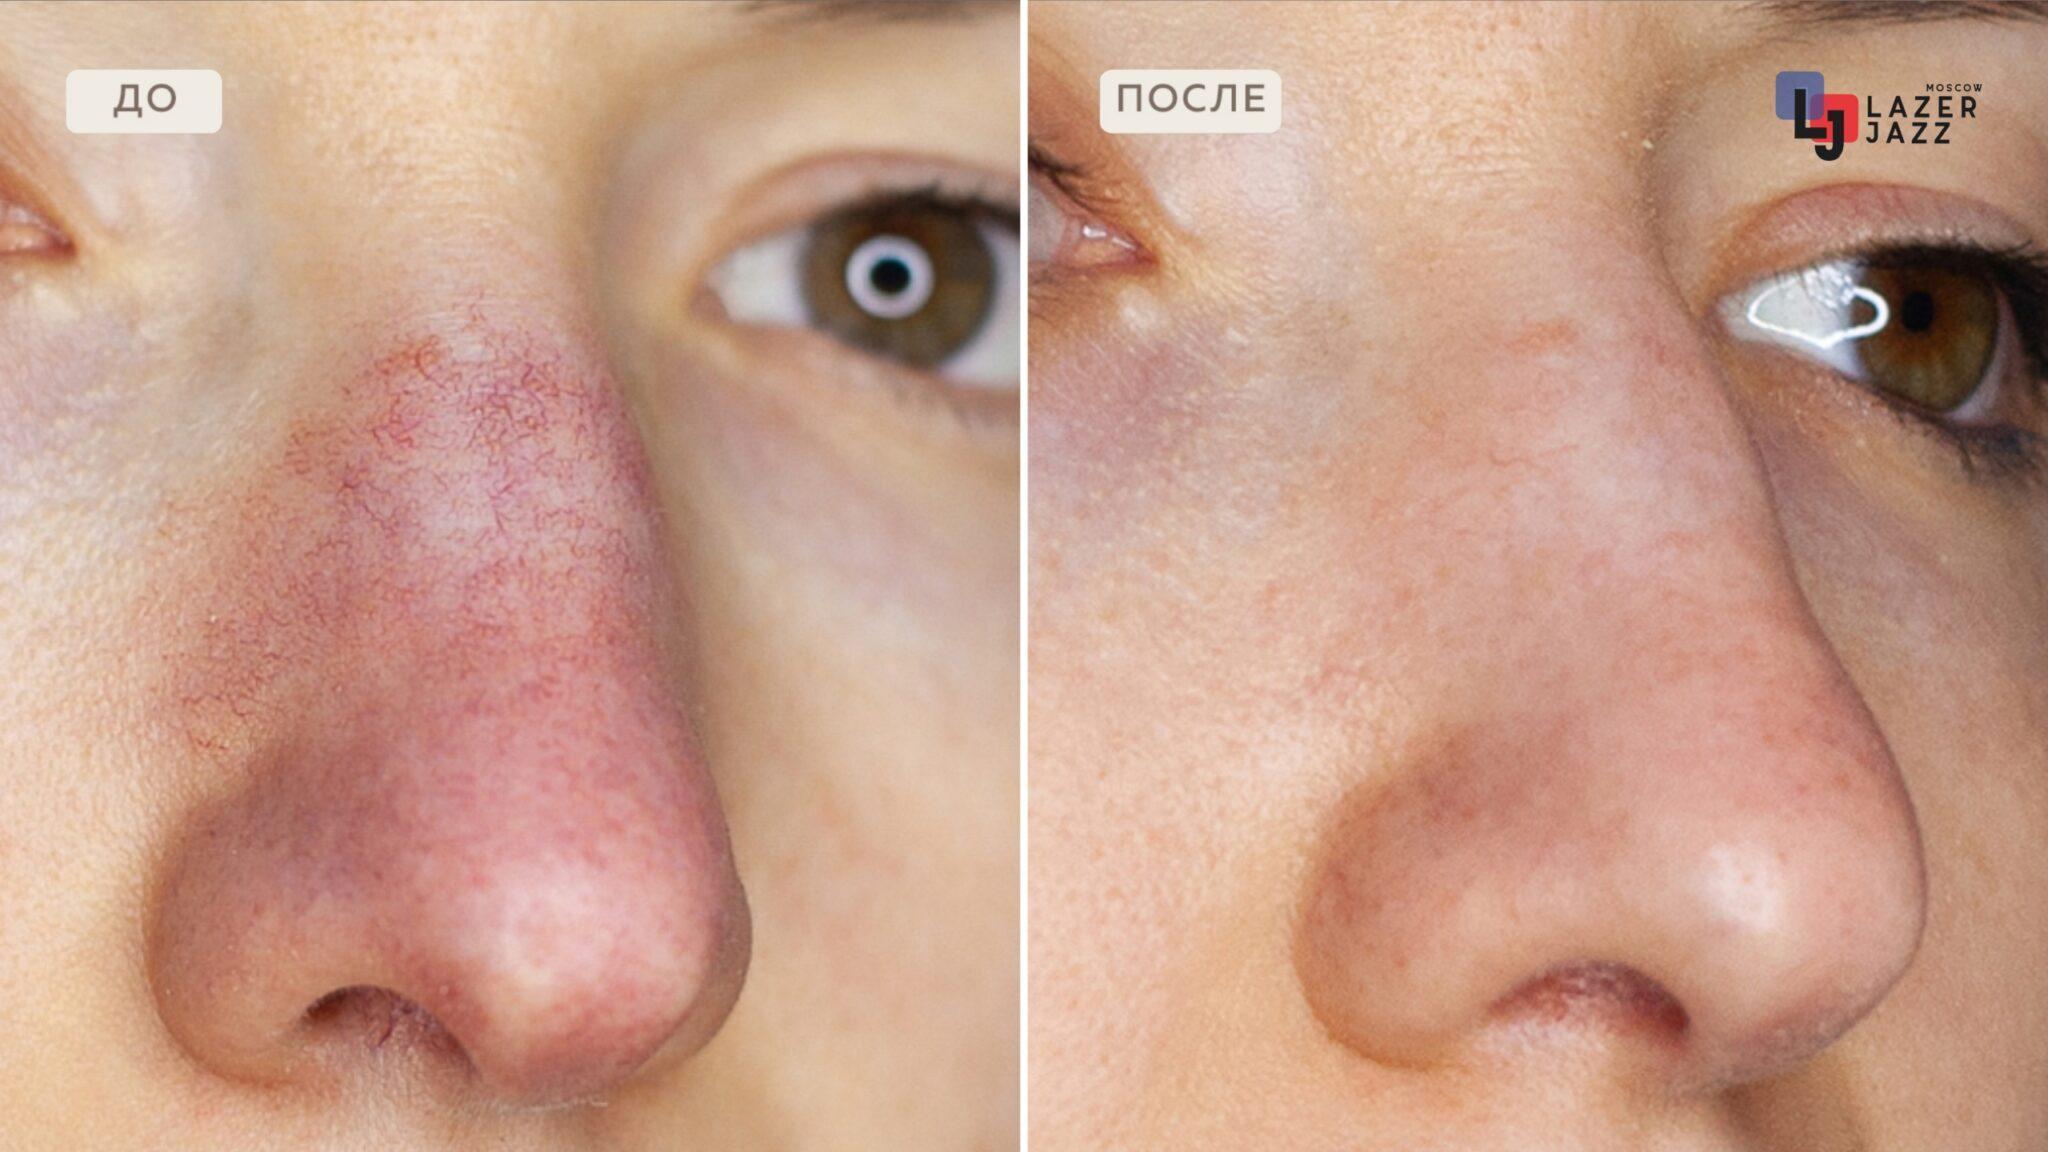 Lechenie-rozacea-pacientka-32-goda-scaled-1